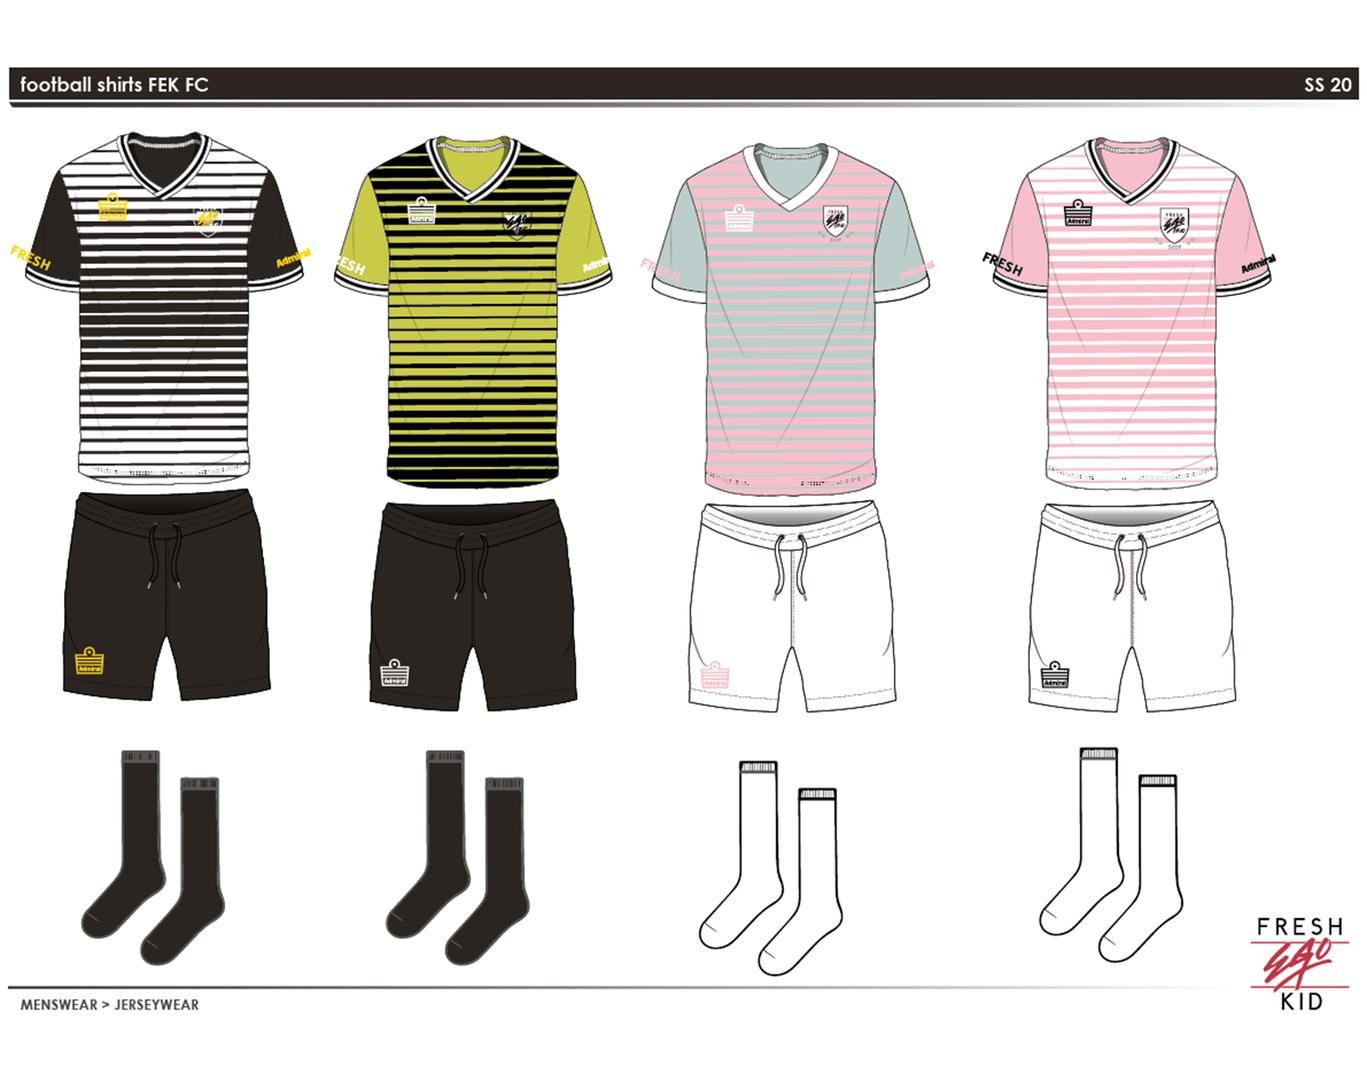 FEK - Football Kit final design